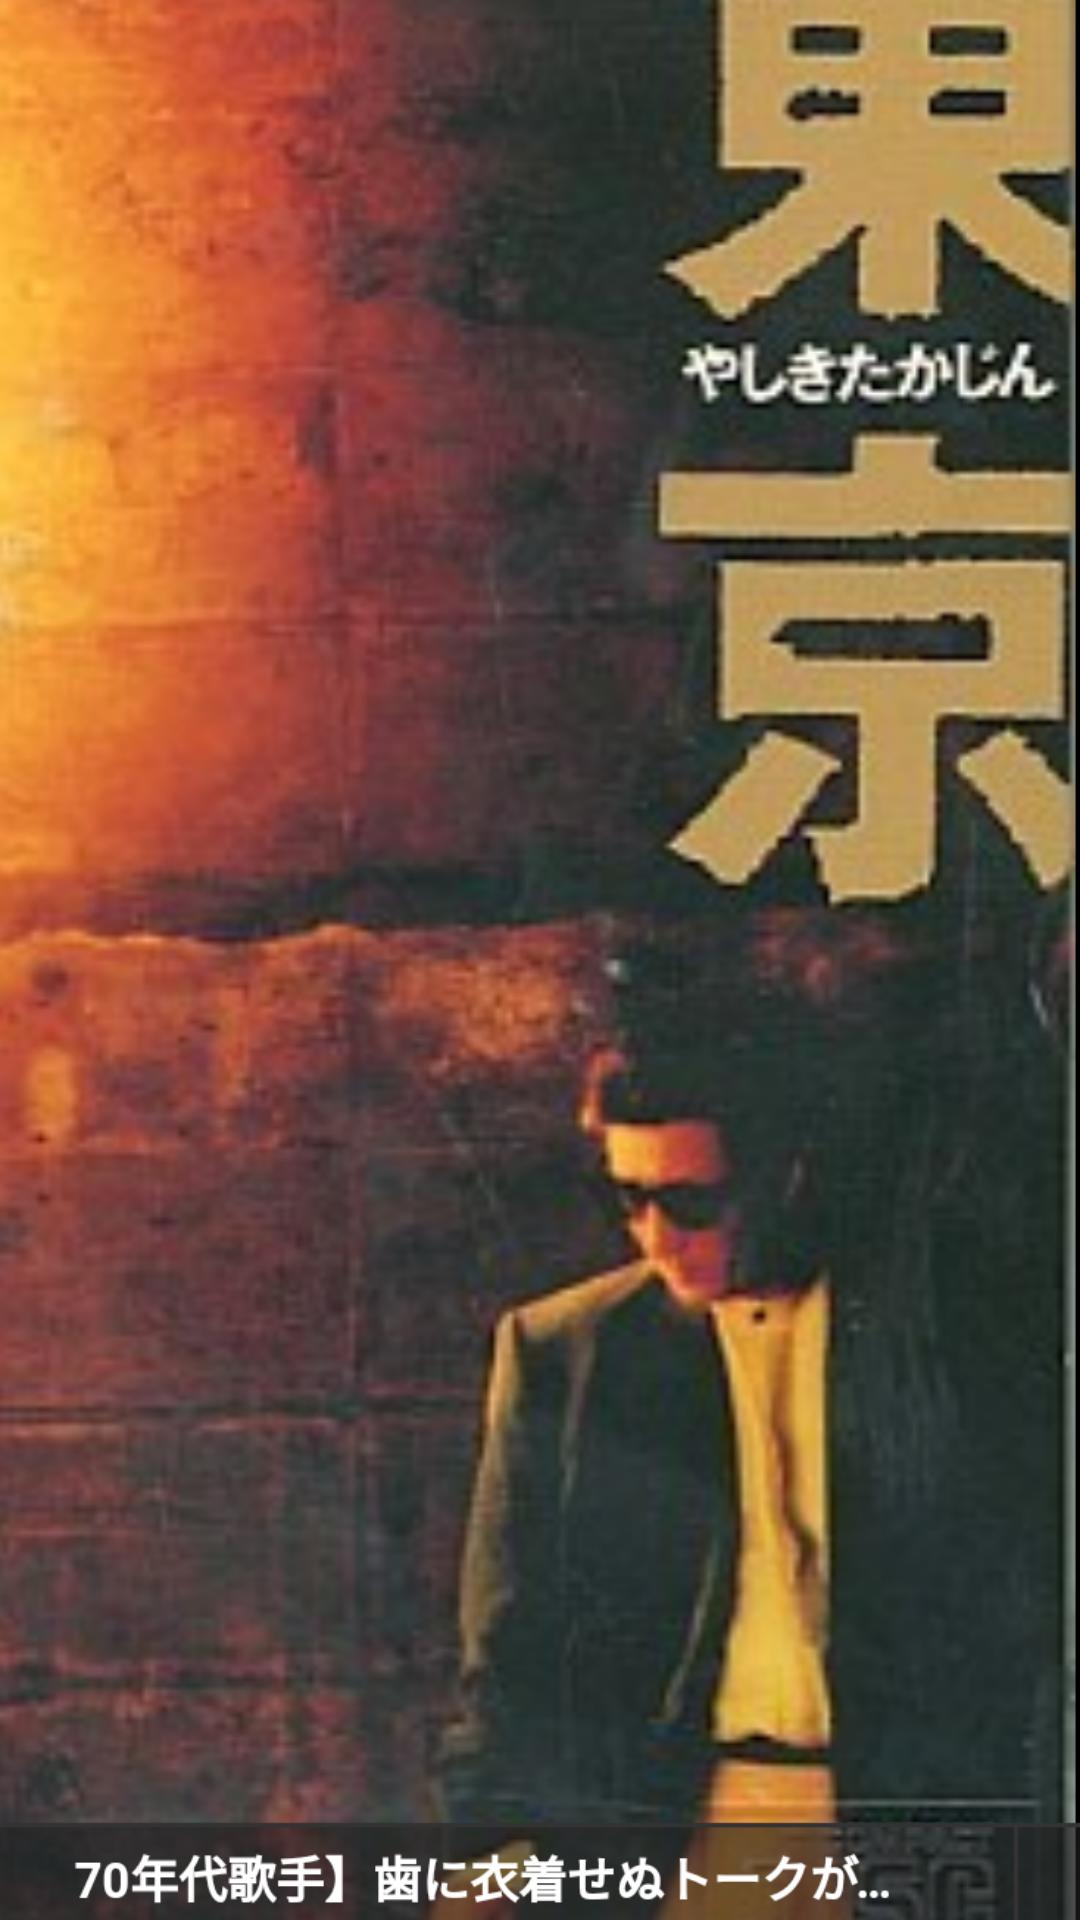 『東京』を歌った歌で好きな曲